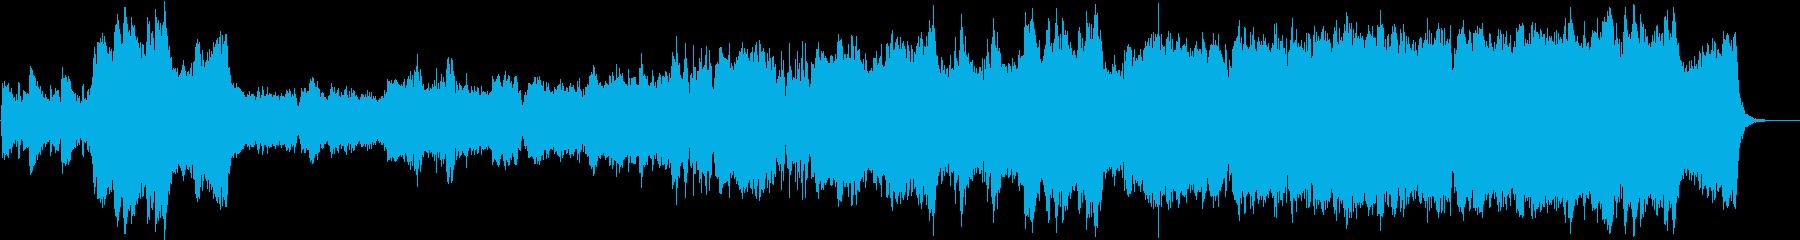 オリンピック感のあるオーケストラの序曲の再生済みの波形